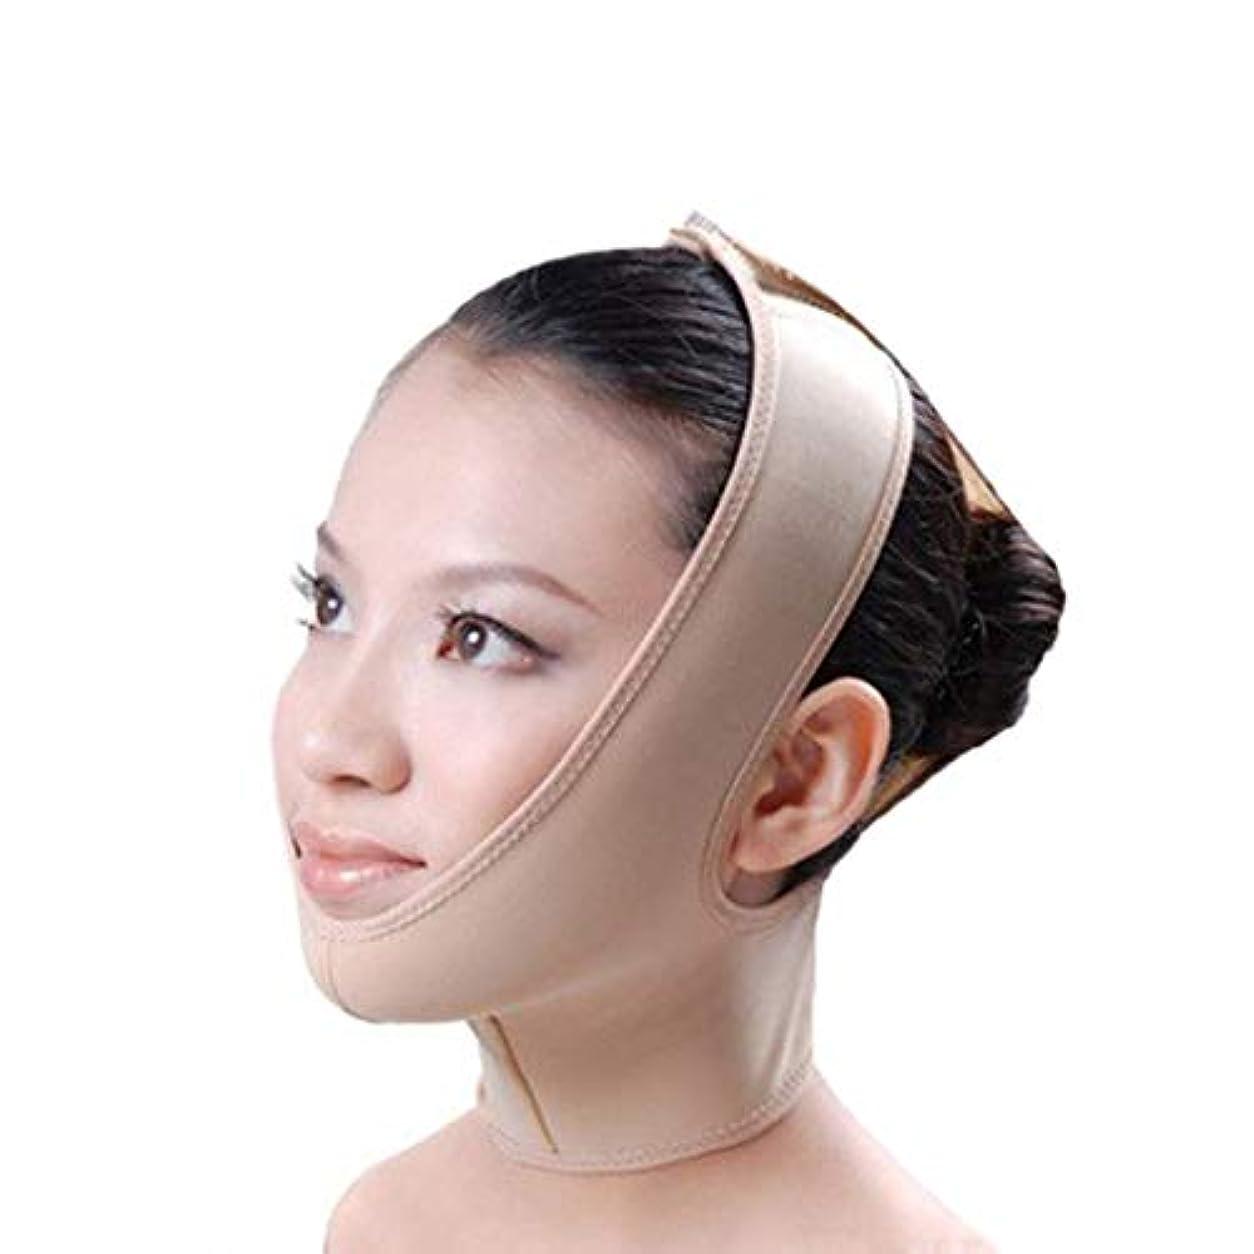 スラック出撃者容疑者フェイススリム、リフティングマスク、包帯リフト、二重あご、引き締めフェイシャルリフト、フェイシャル減量マスク、リフティングスキン包帯(サイズ:XL),S